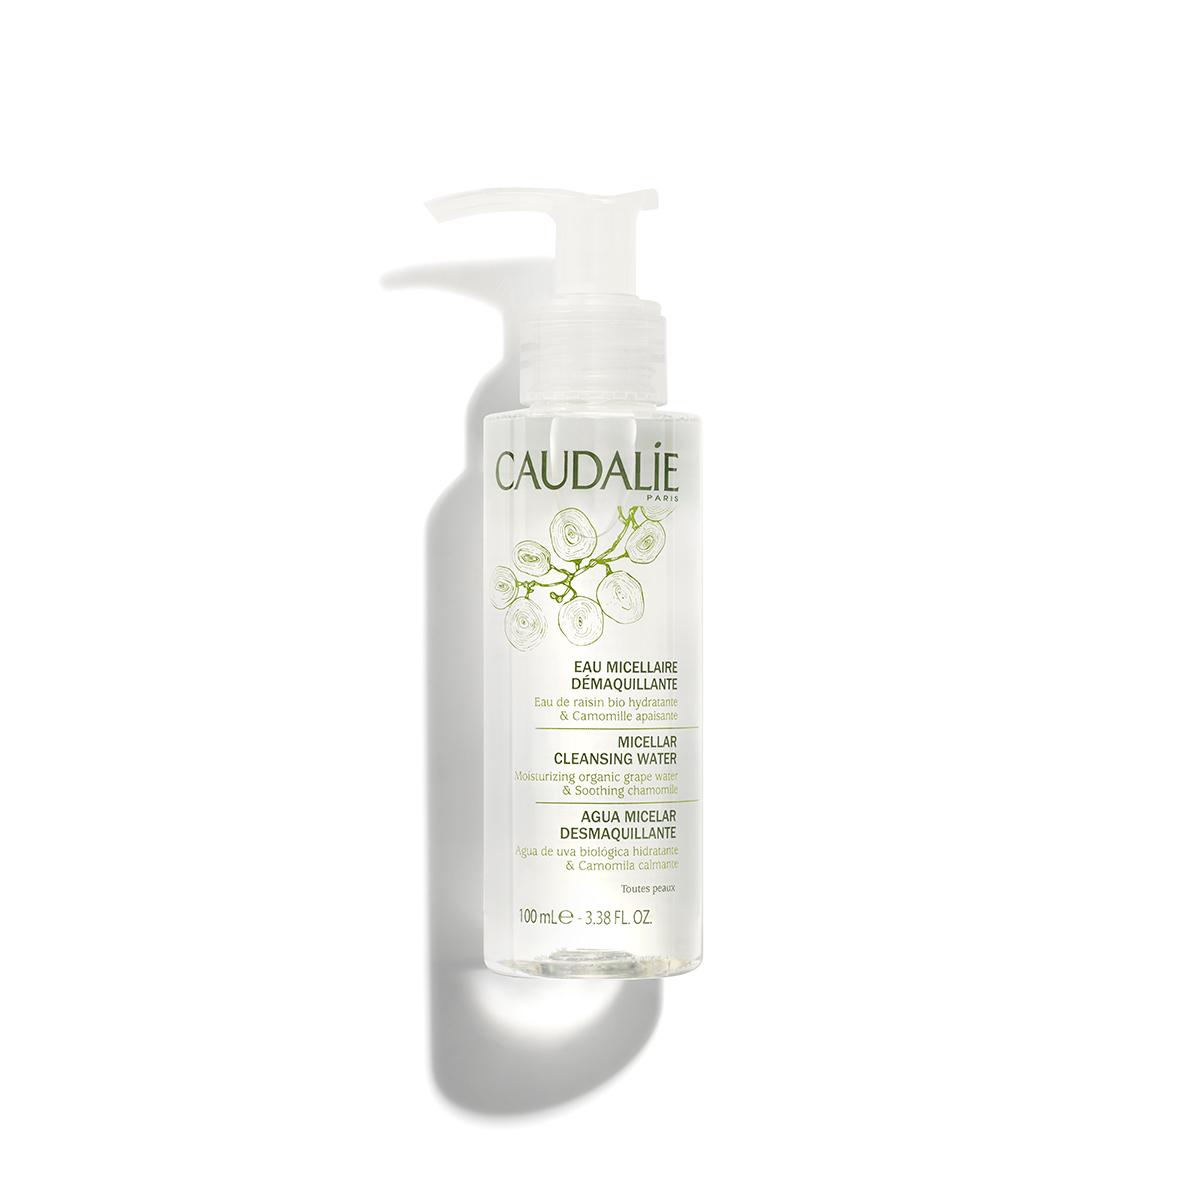 Micellar Cleansing Water - 100 ml